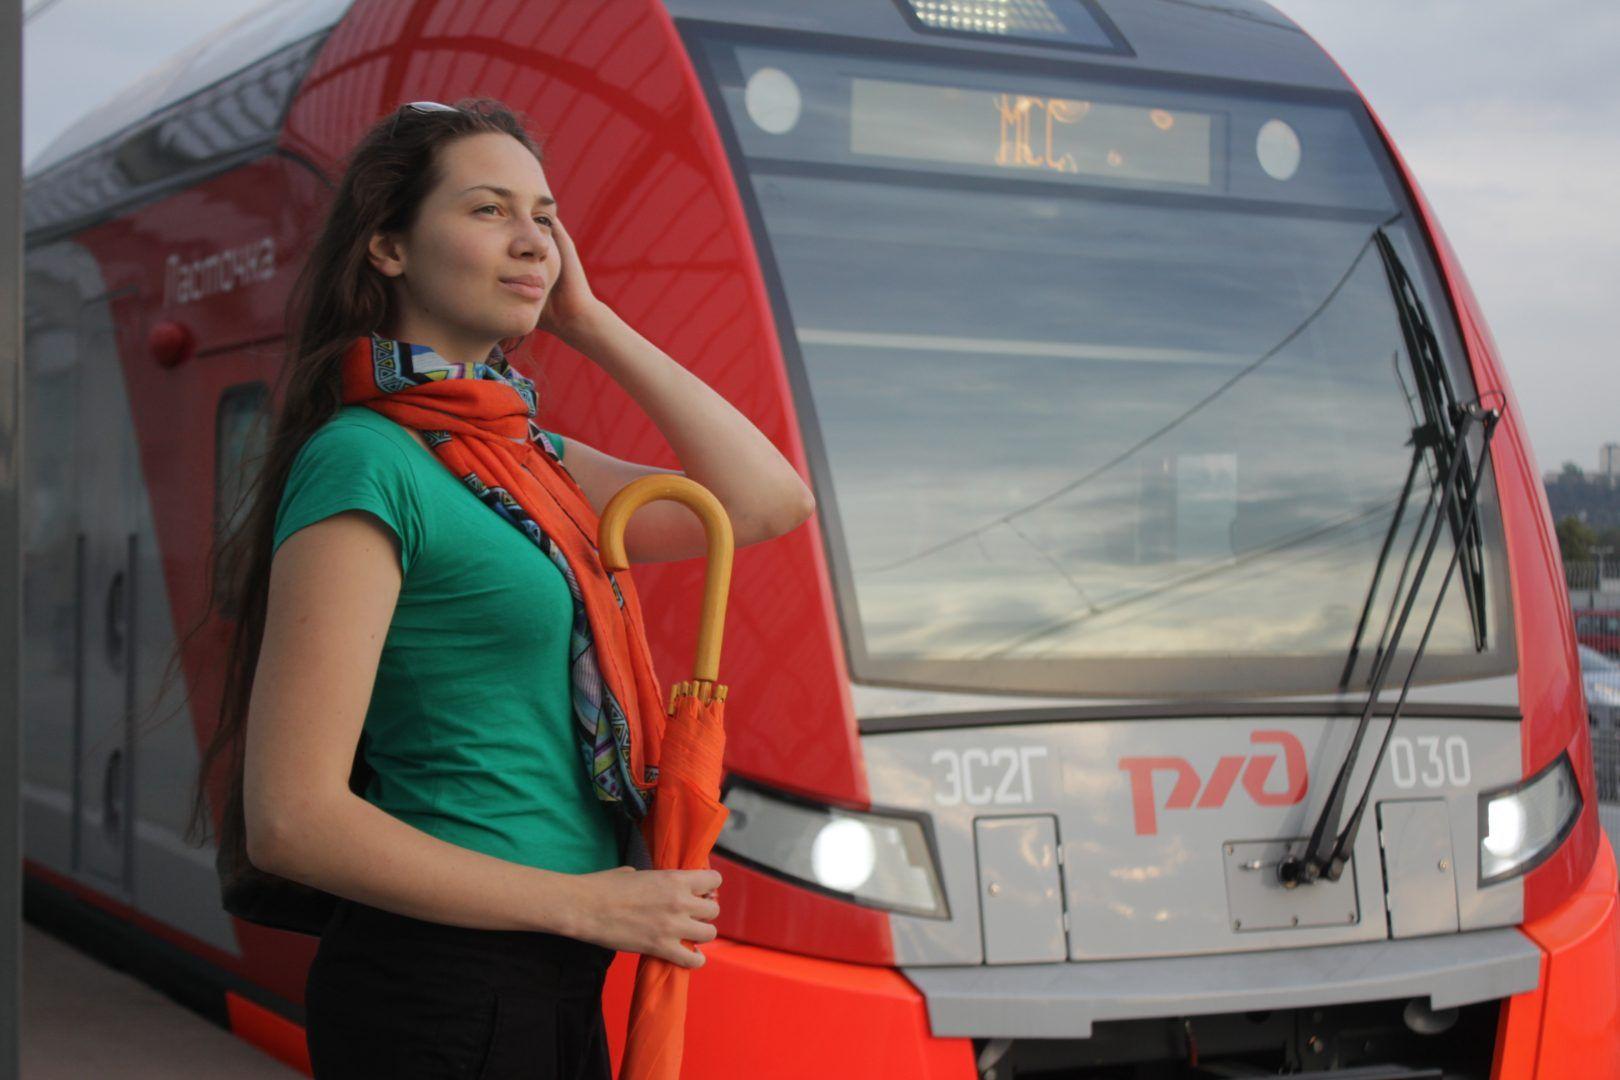 Пассажиропоток на МЦК достигнет 600 тысяч. Фото: Анастасия Перминова